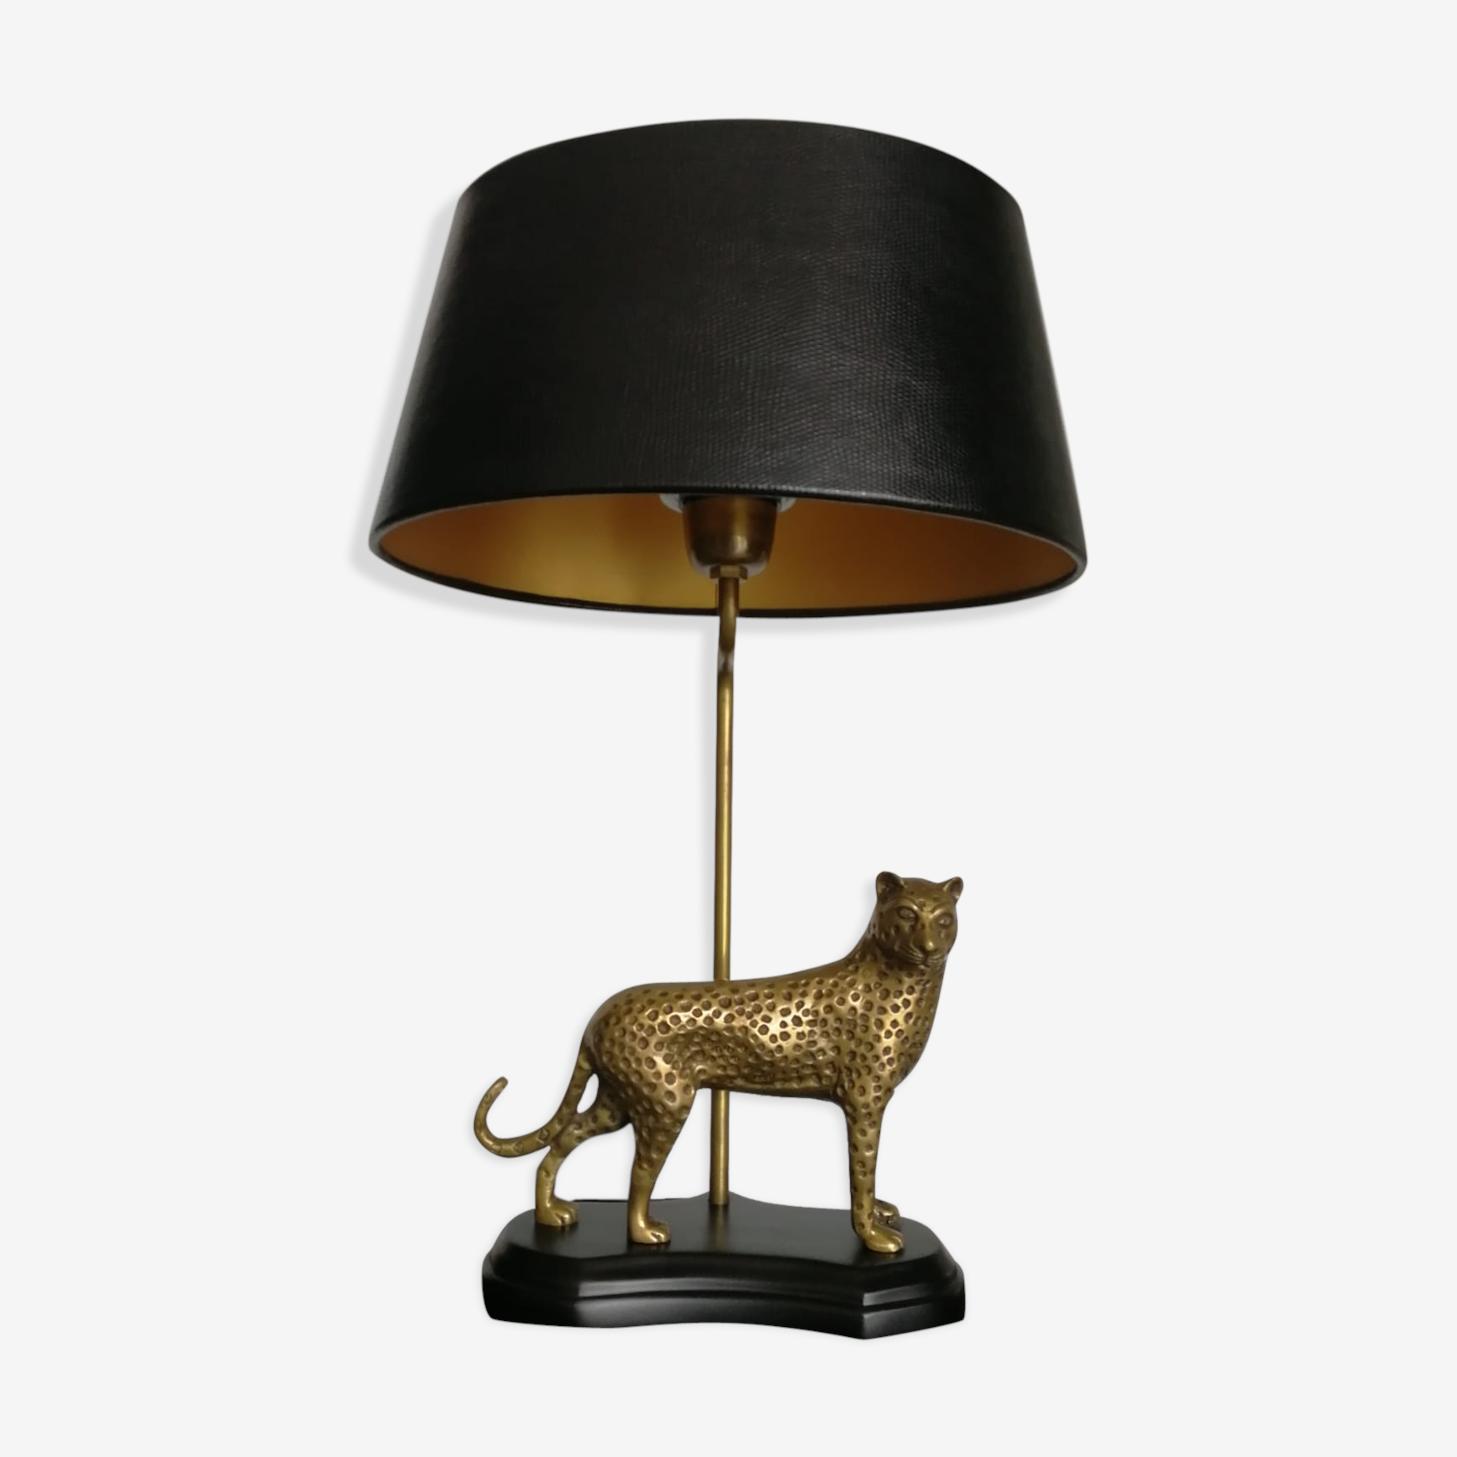 Lampe de table guépard laiton, 1970